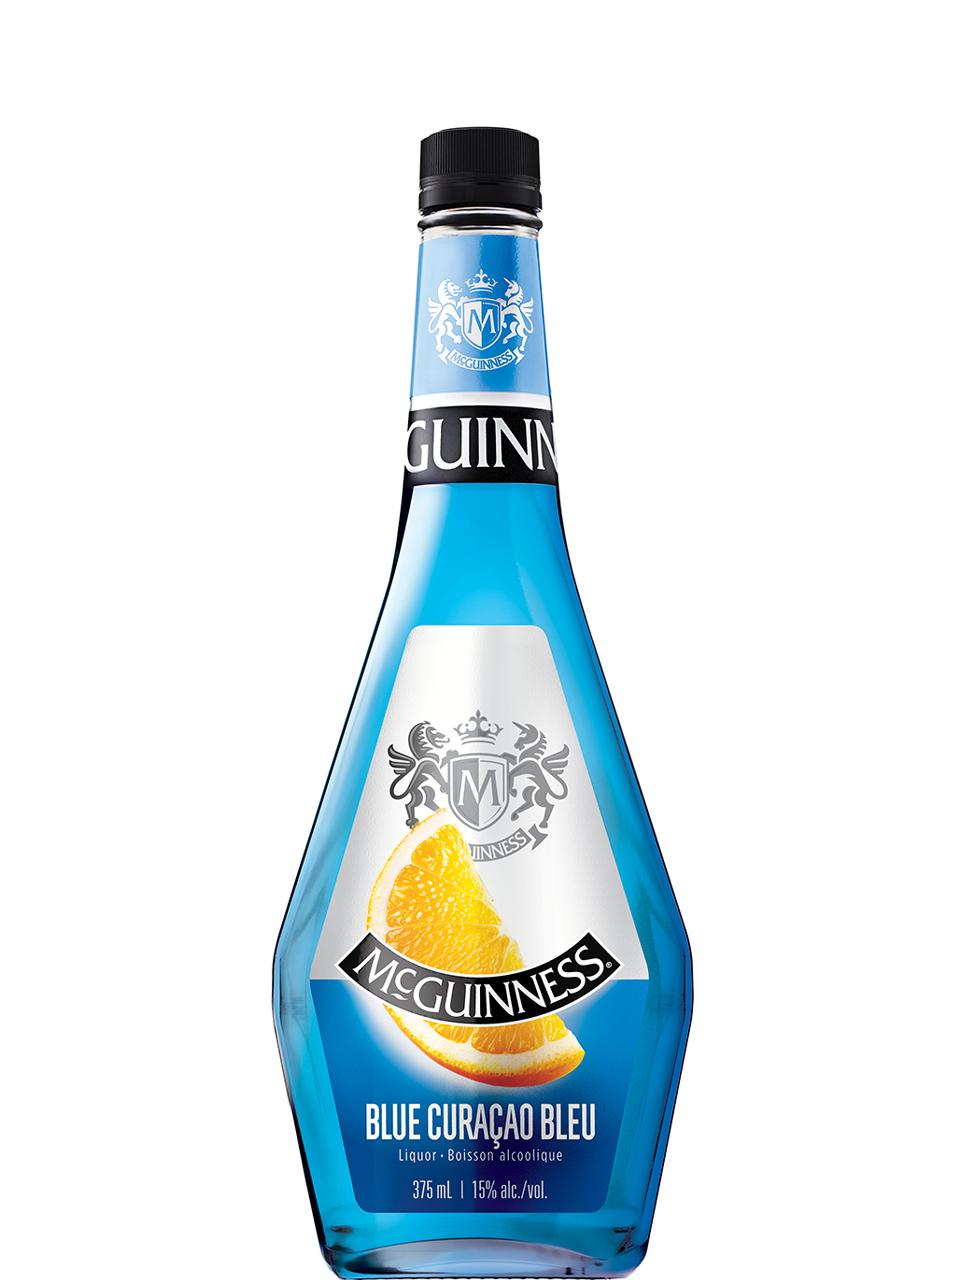 McGuinness Blue Curacao